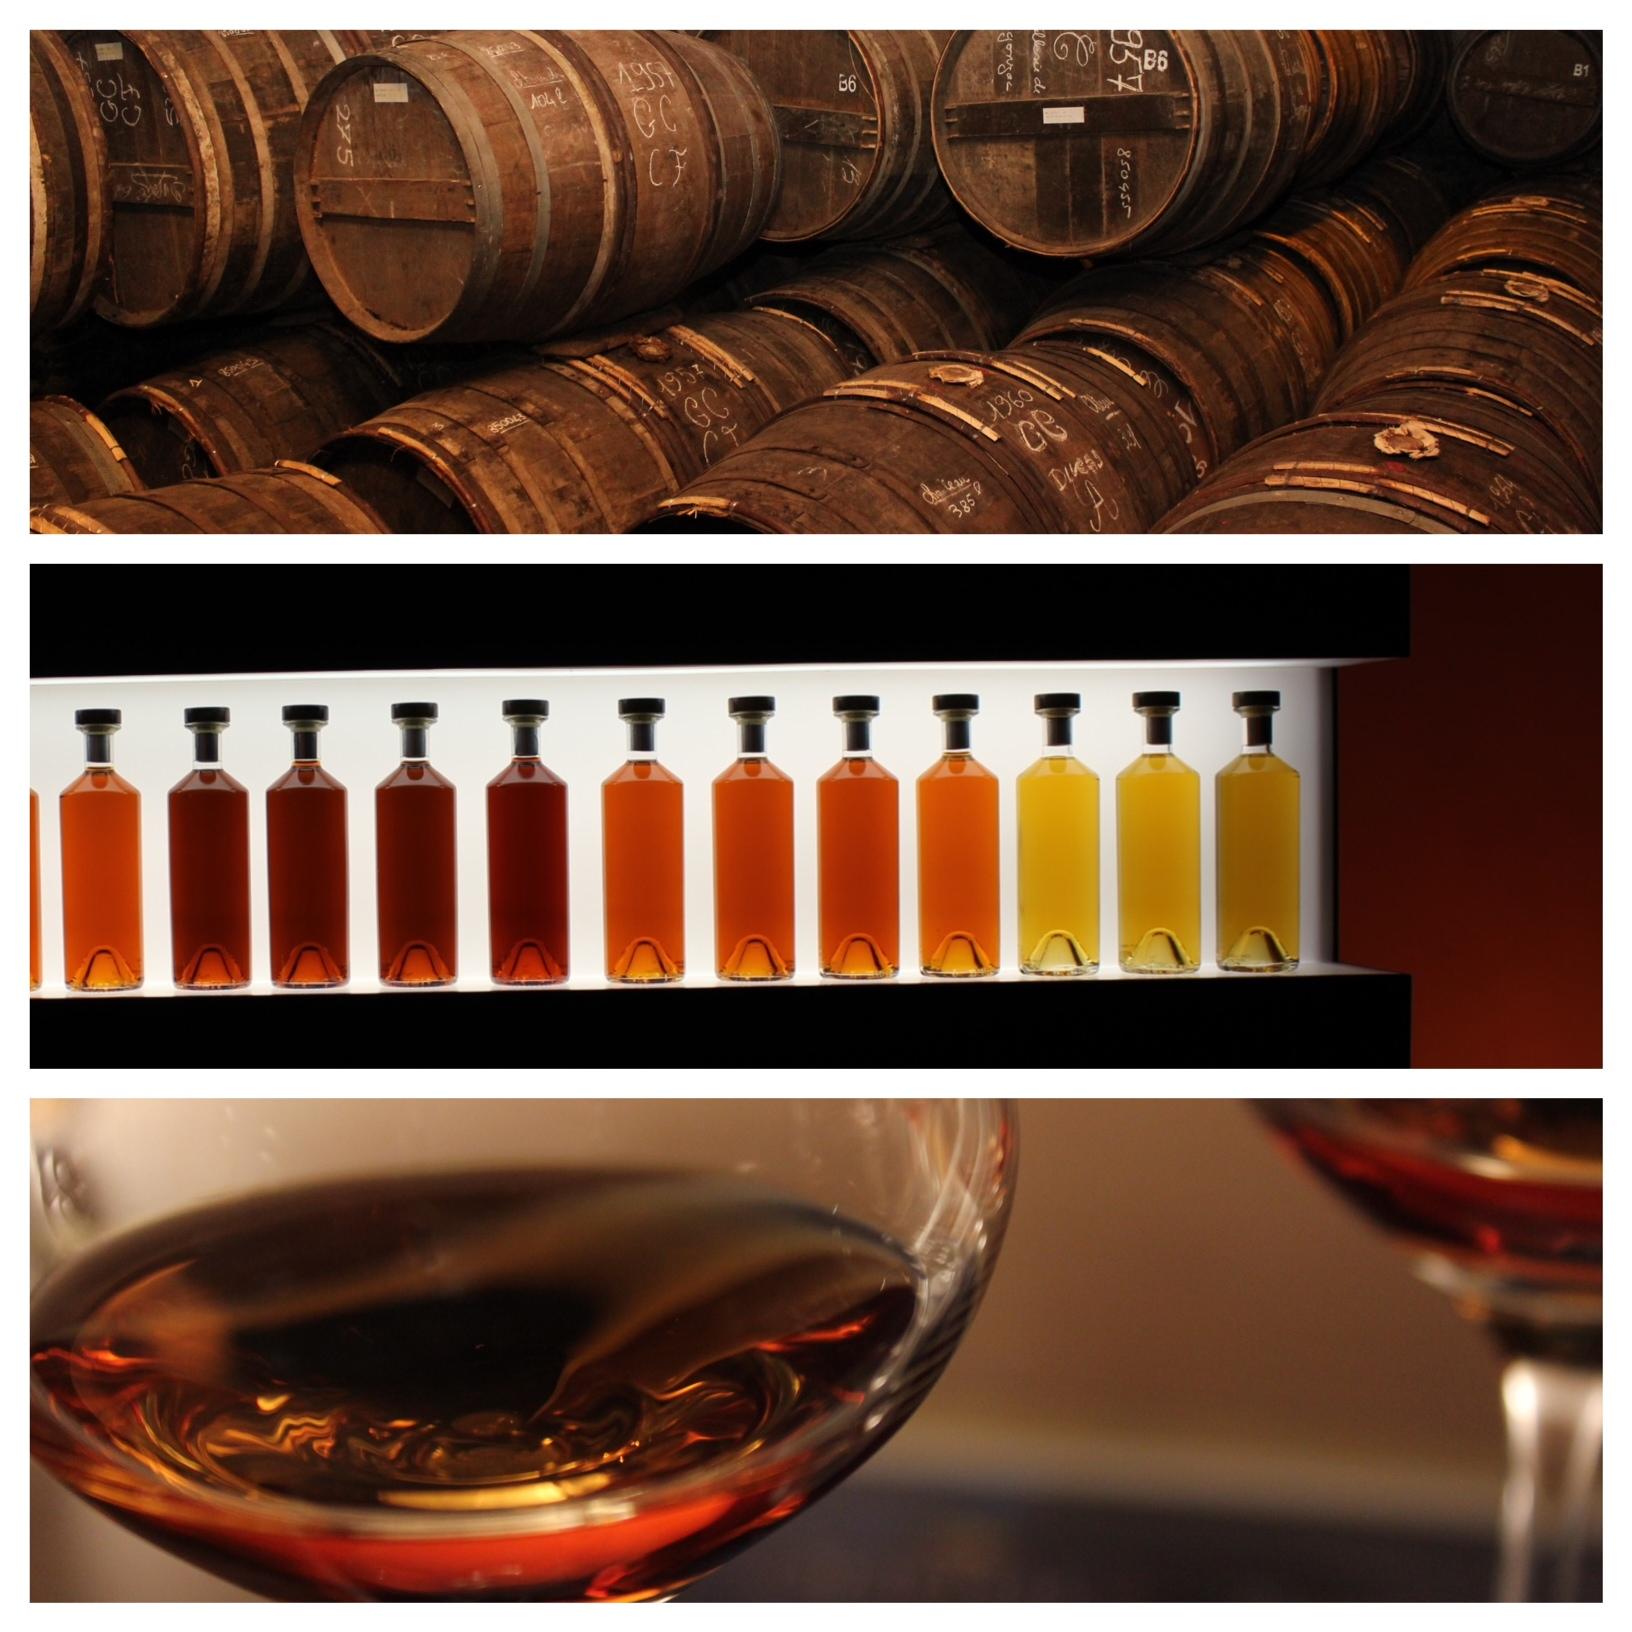 Blending cognac